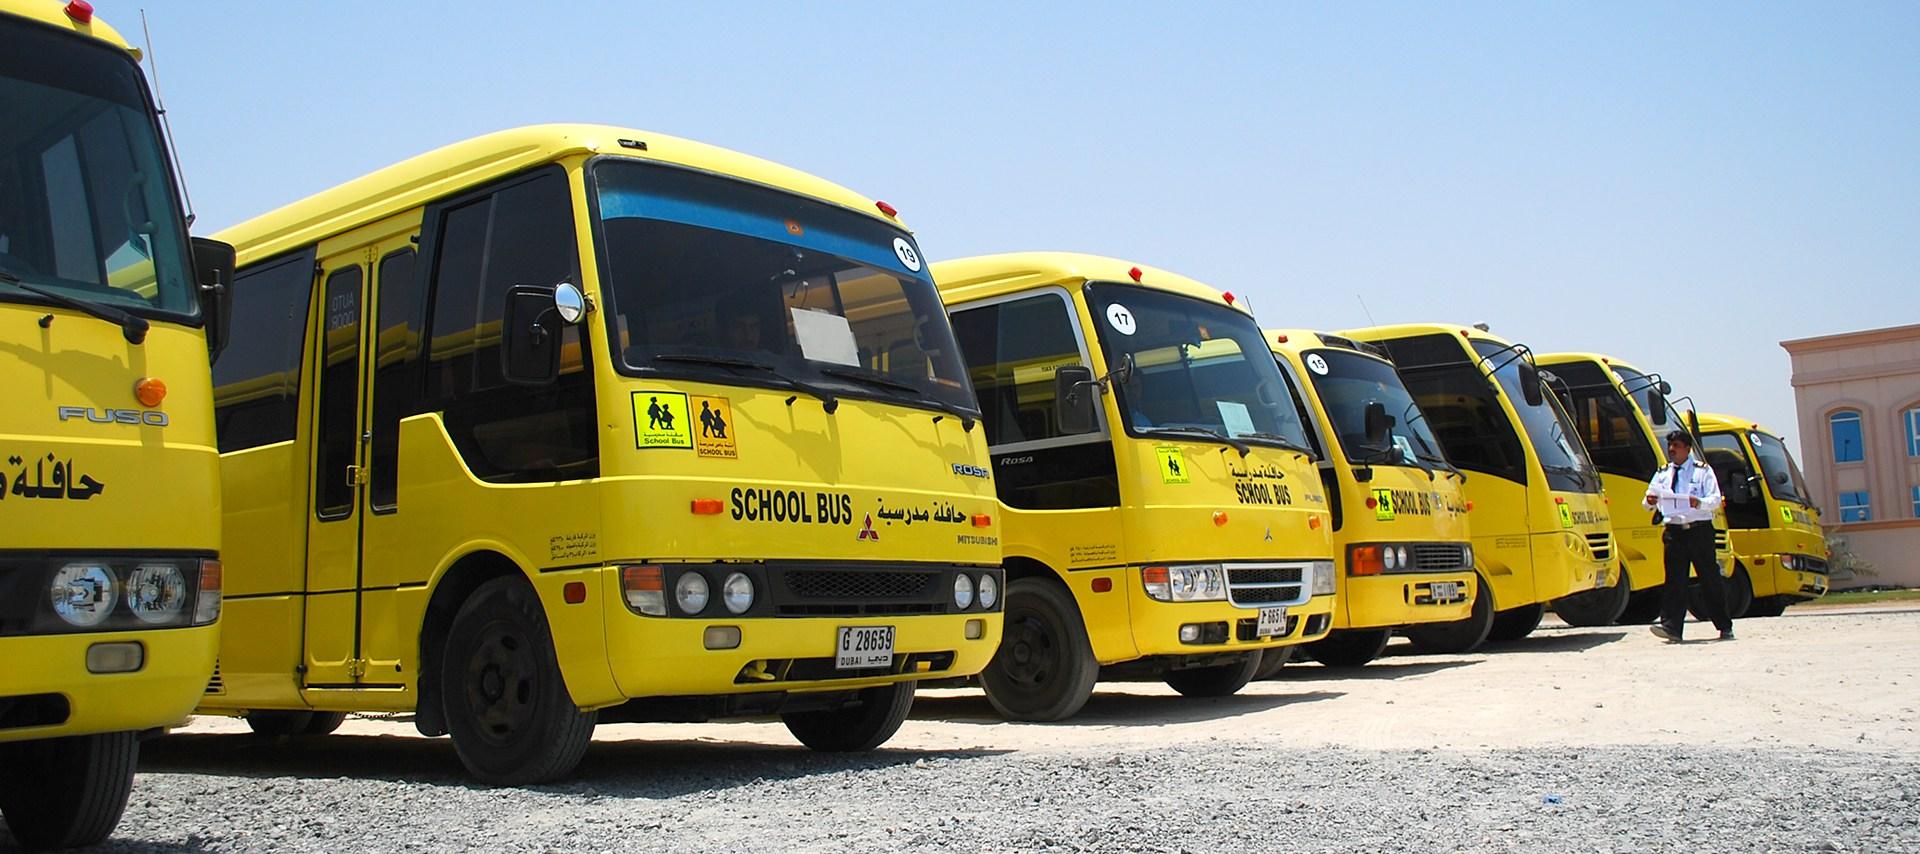 مؤسسة تاكسي دبي توفر أسطولاً من الحافلات المدرسية الذكية للطلاب